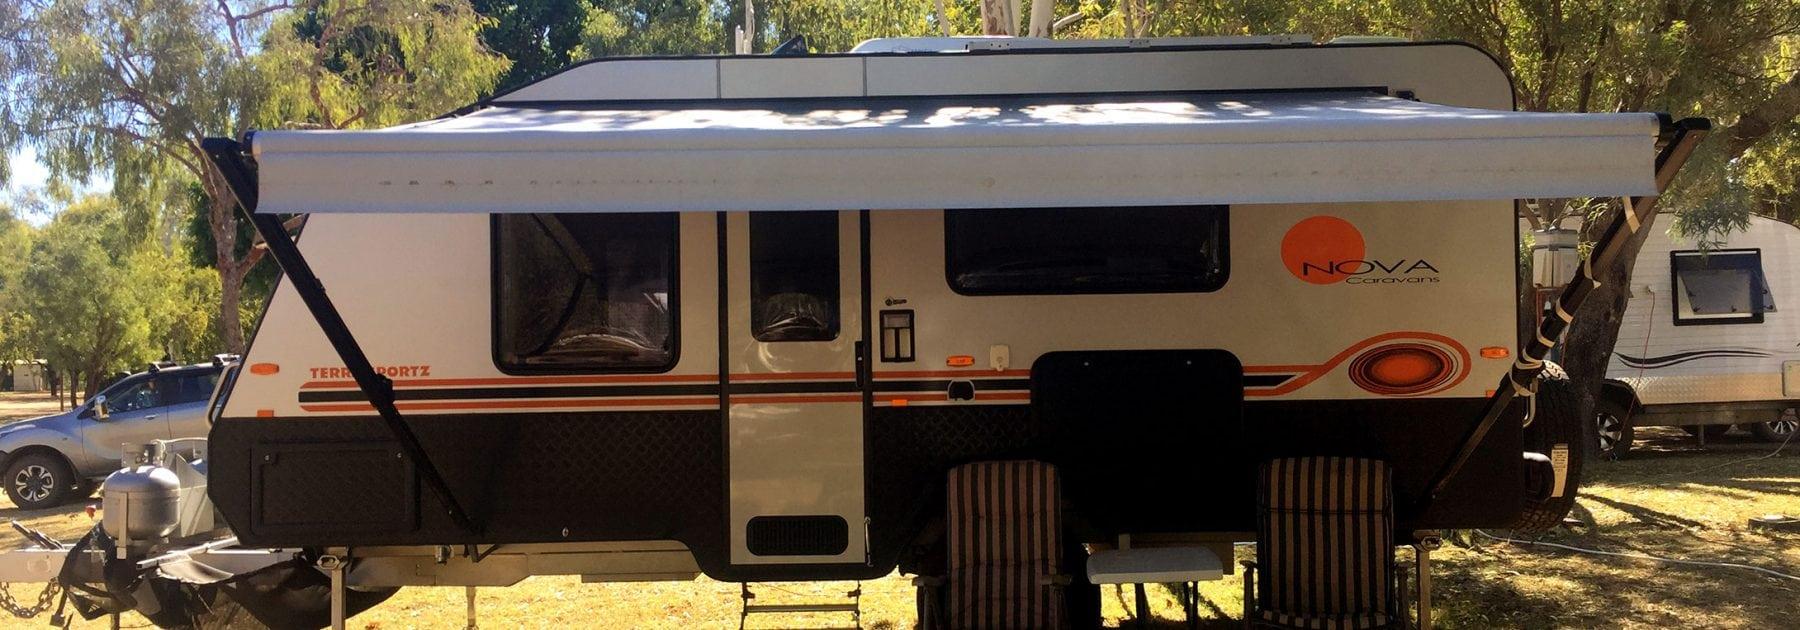 Caravan Fiberglass Repair - AllBrand Caravan Services